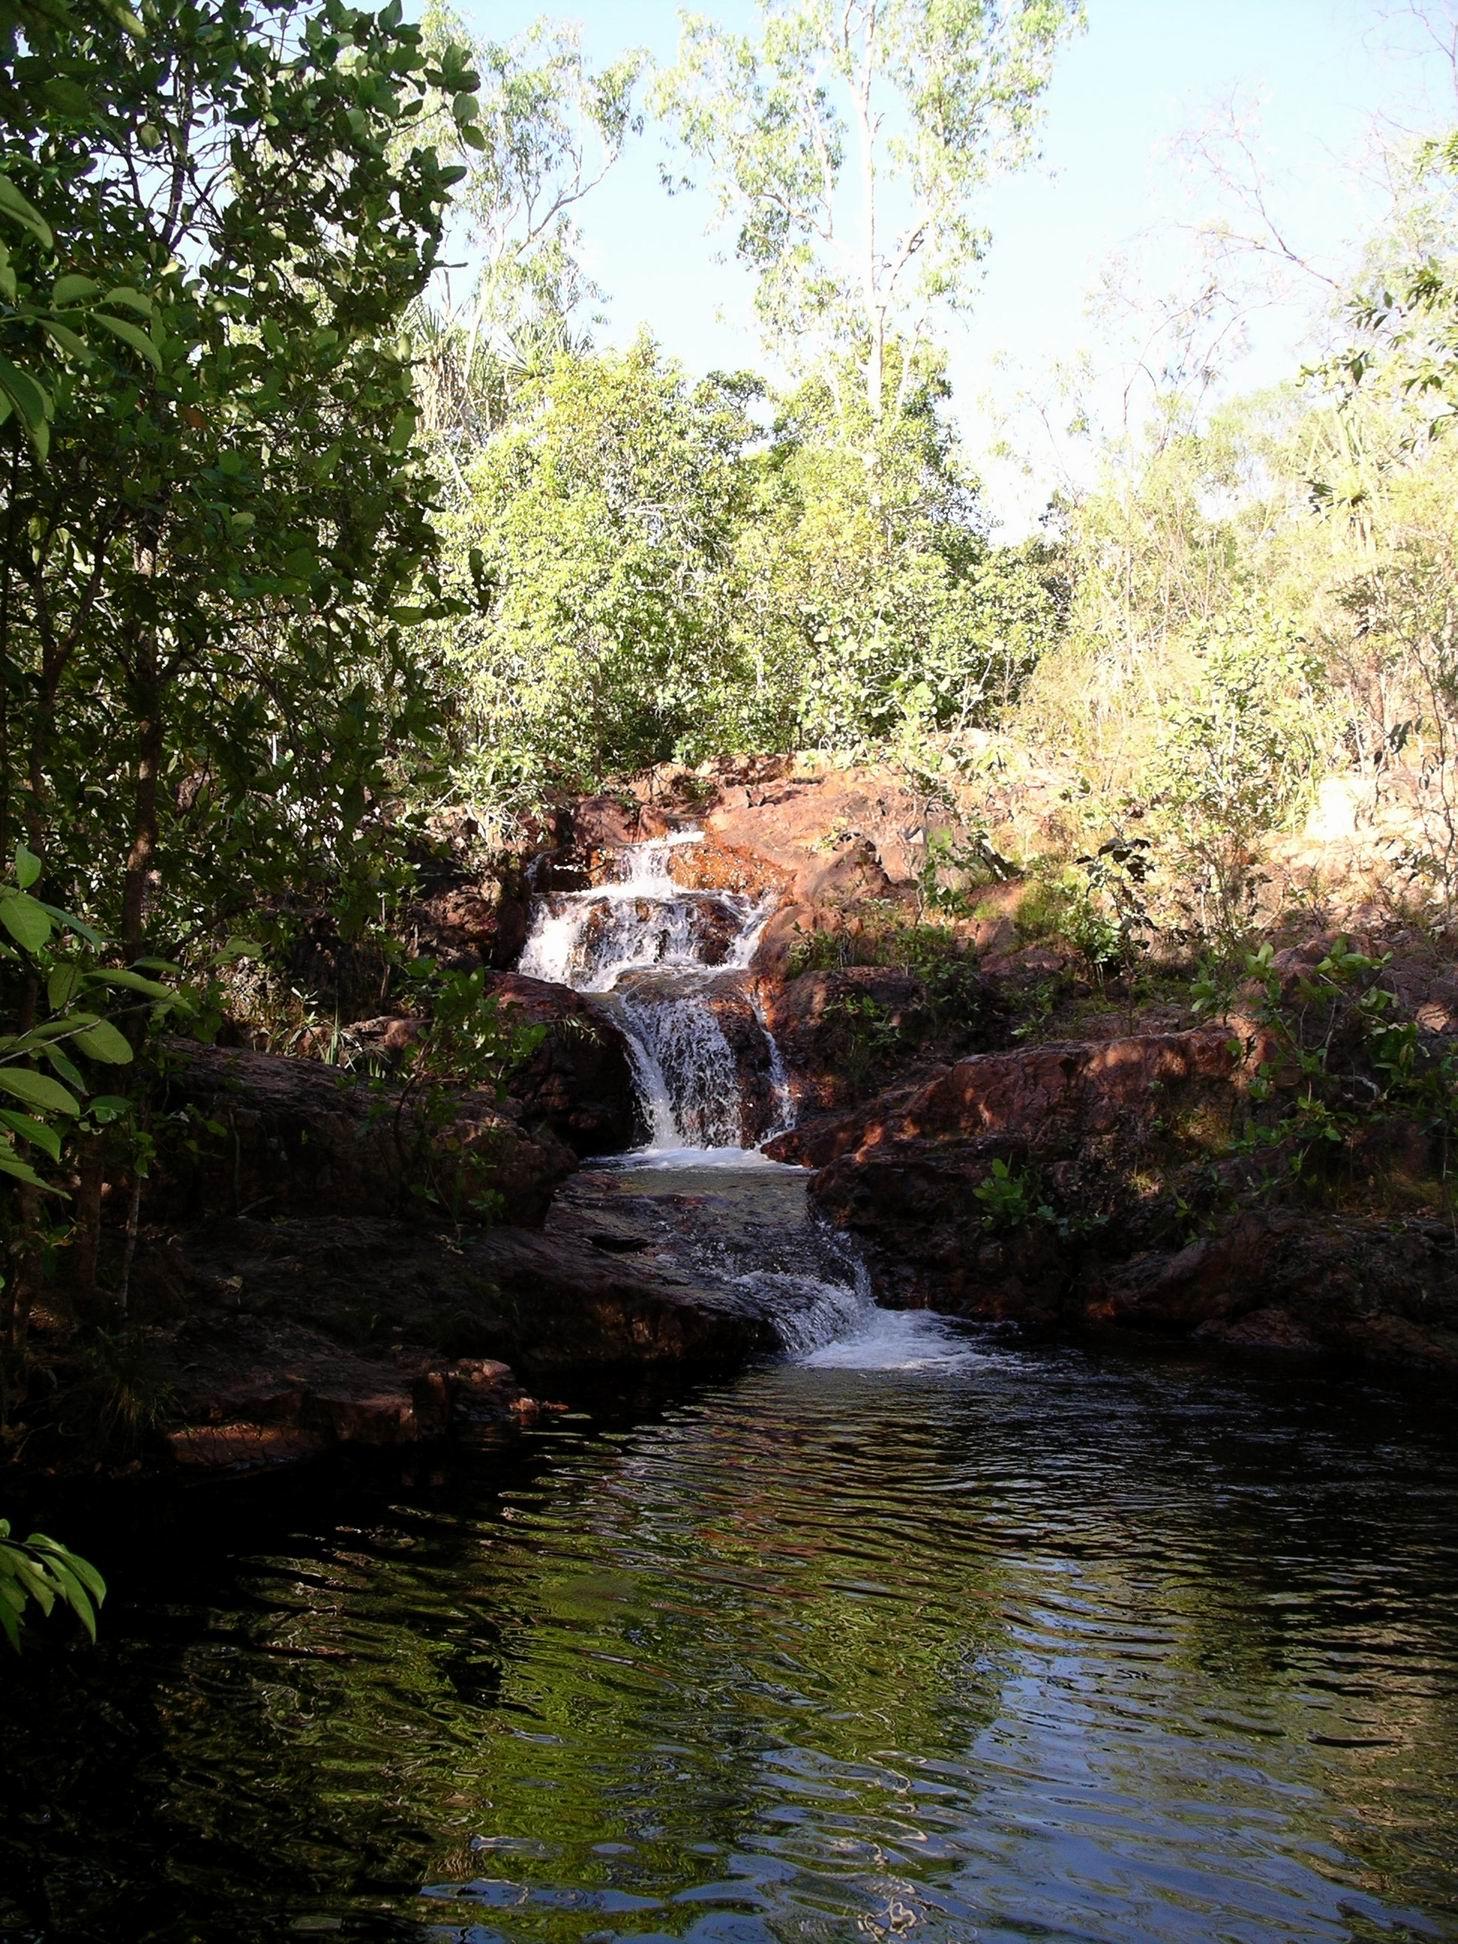 Resize of 07-18-2006 70 Walker Creek 7